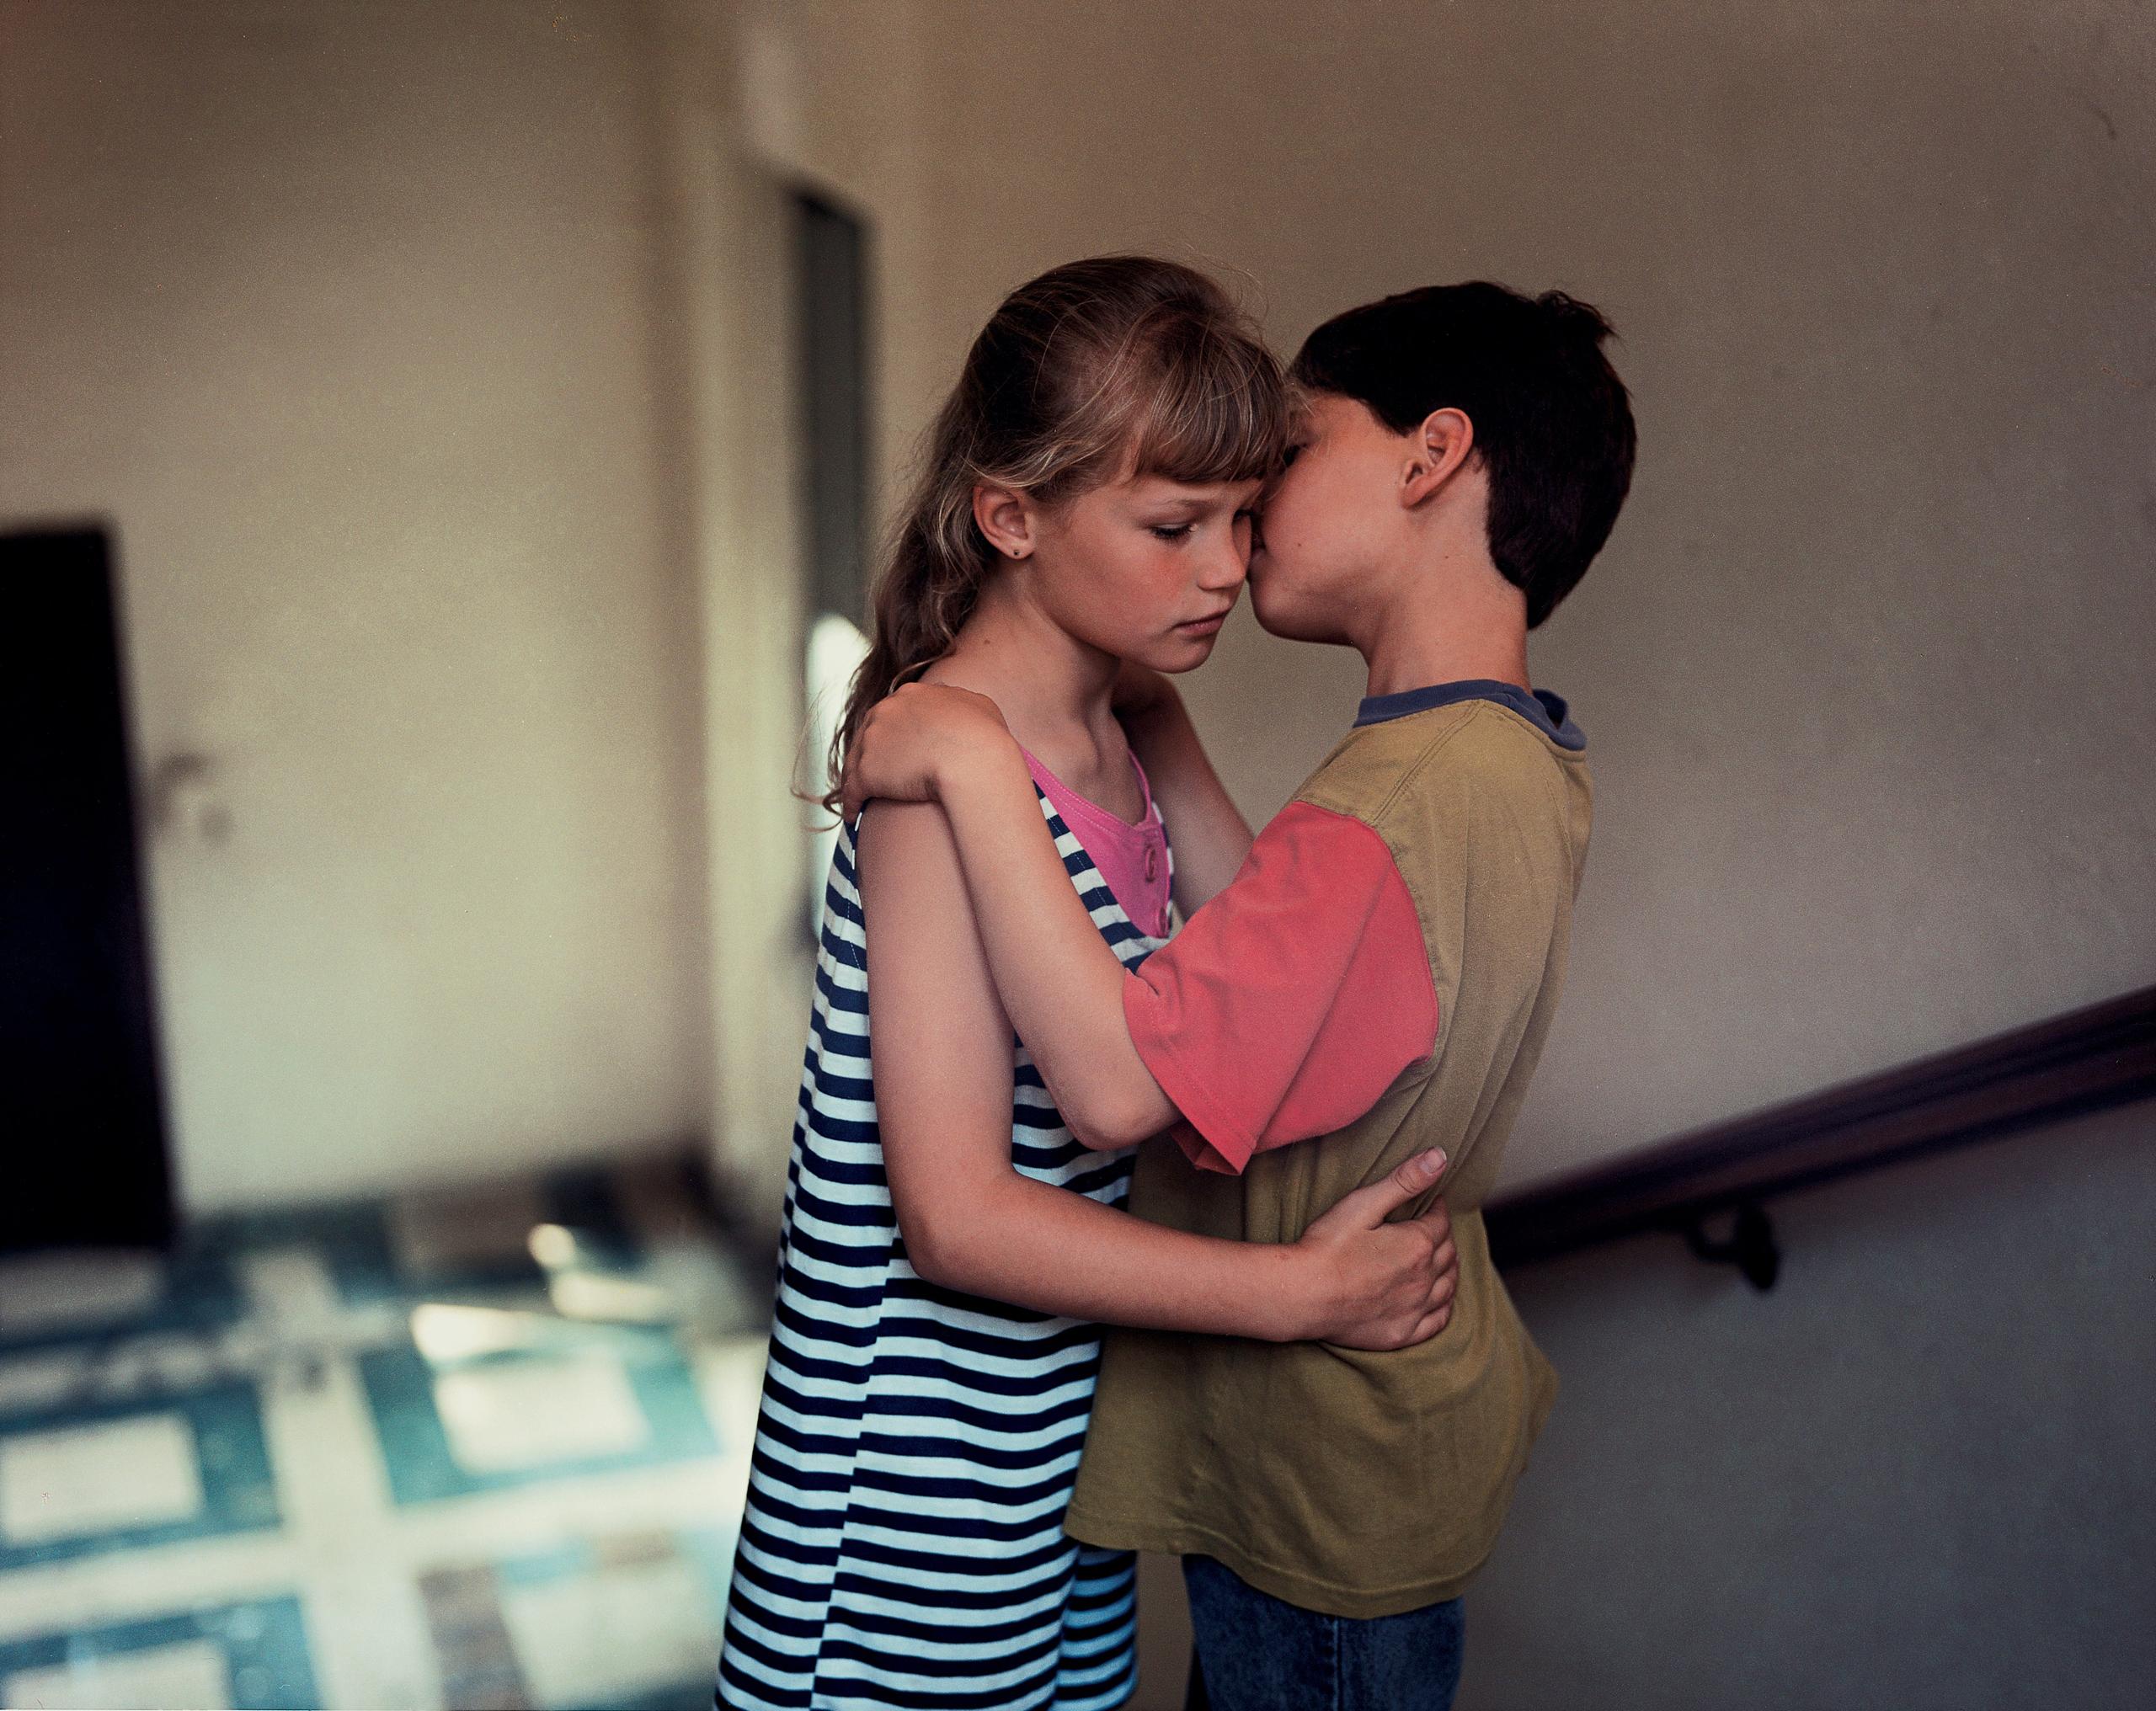 Audition Two: Darija and Daniel, 1994